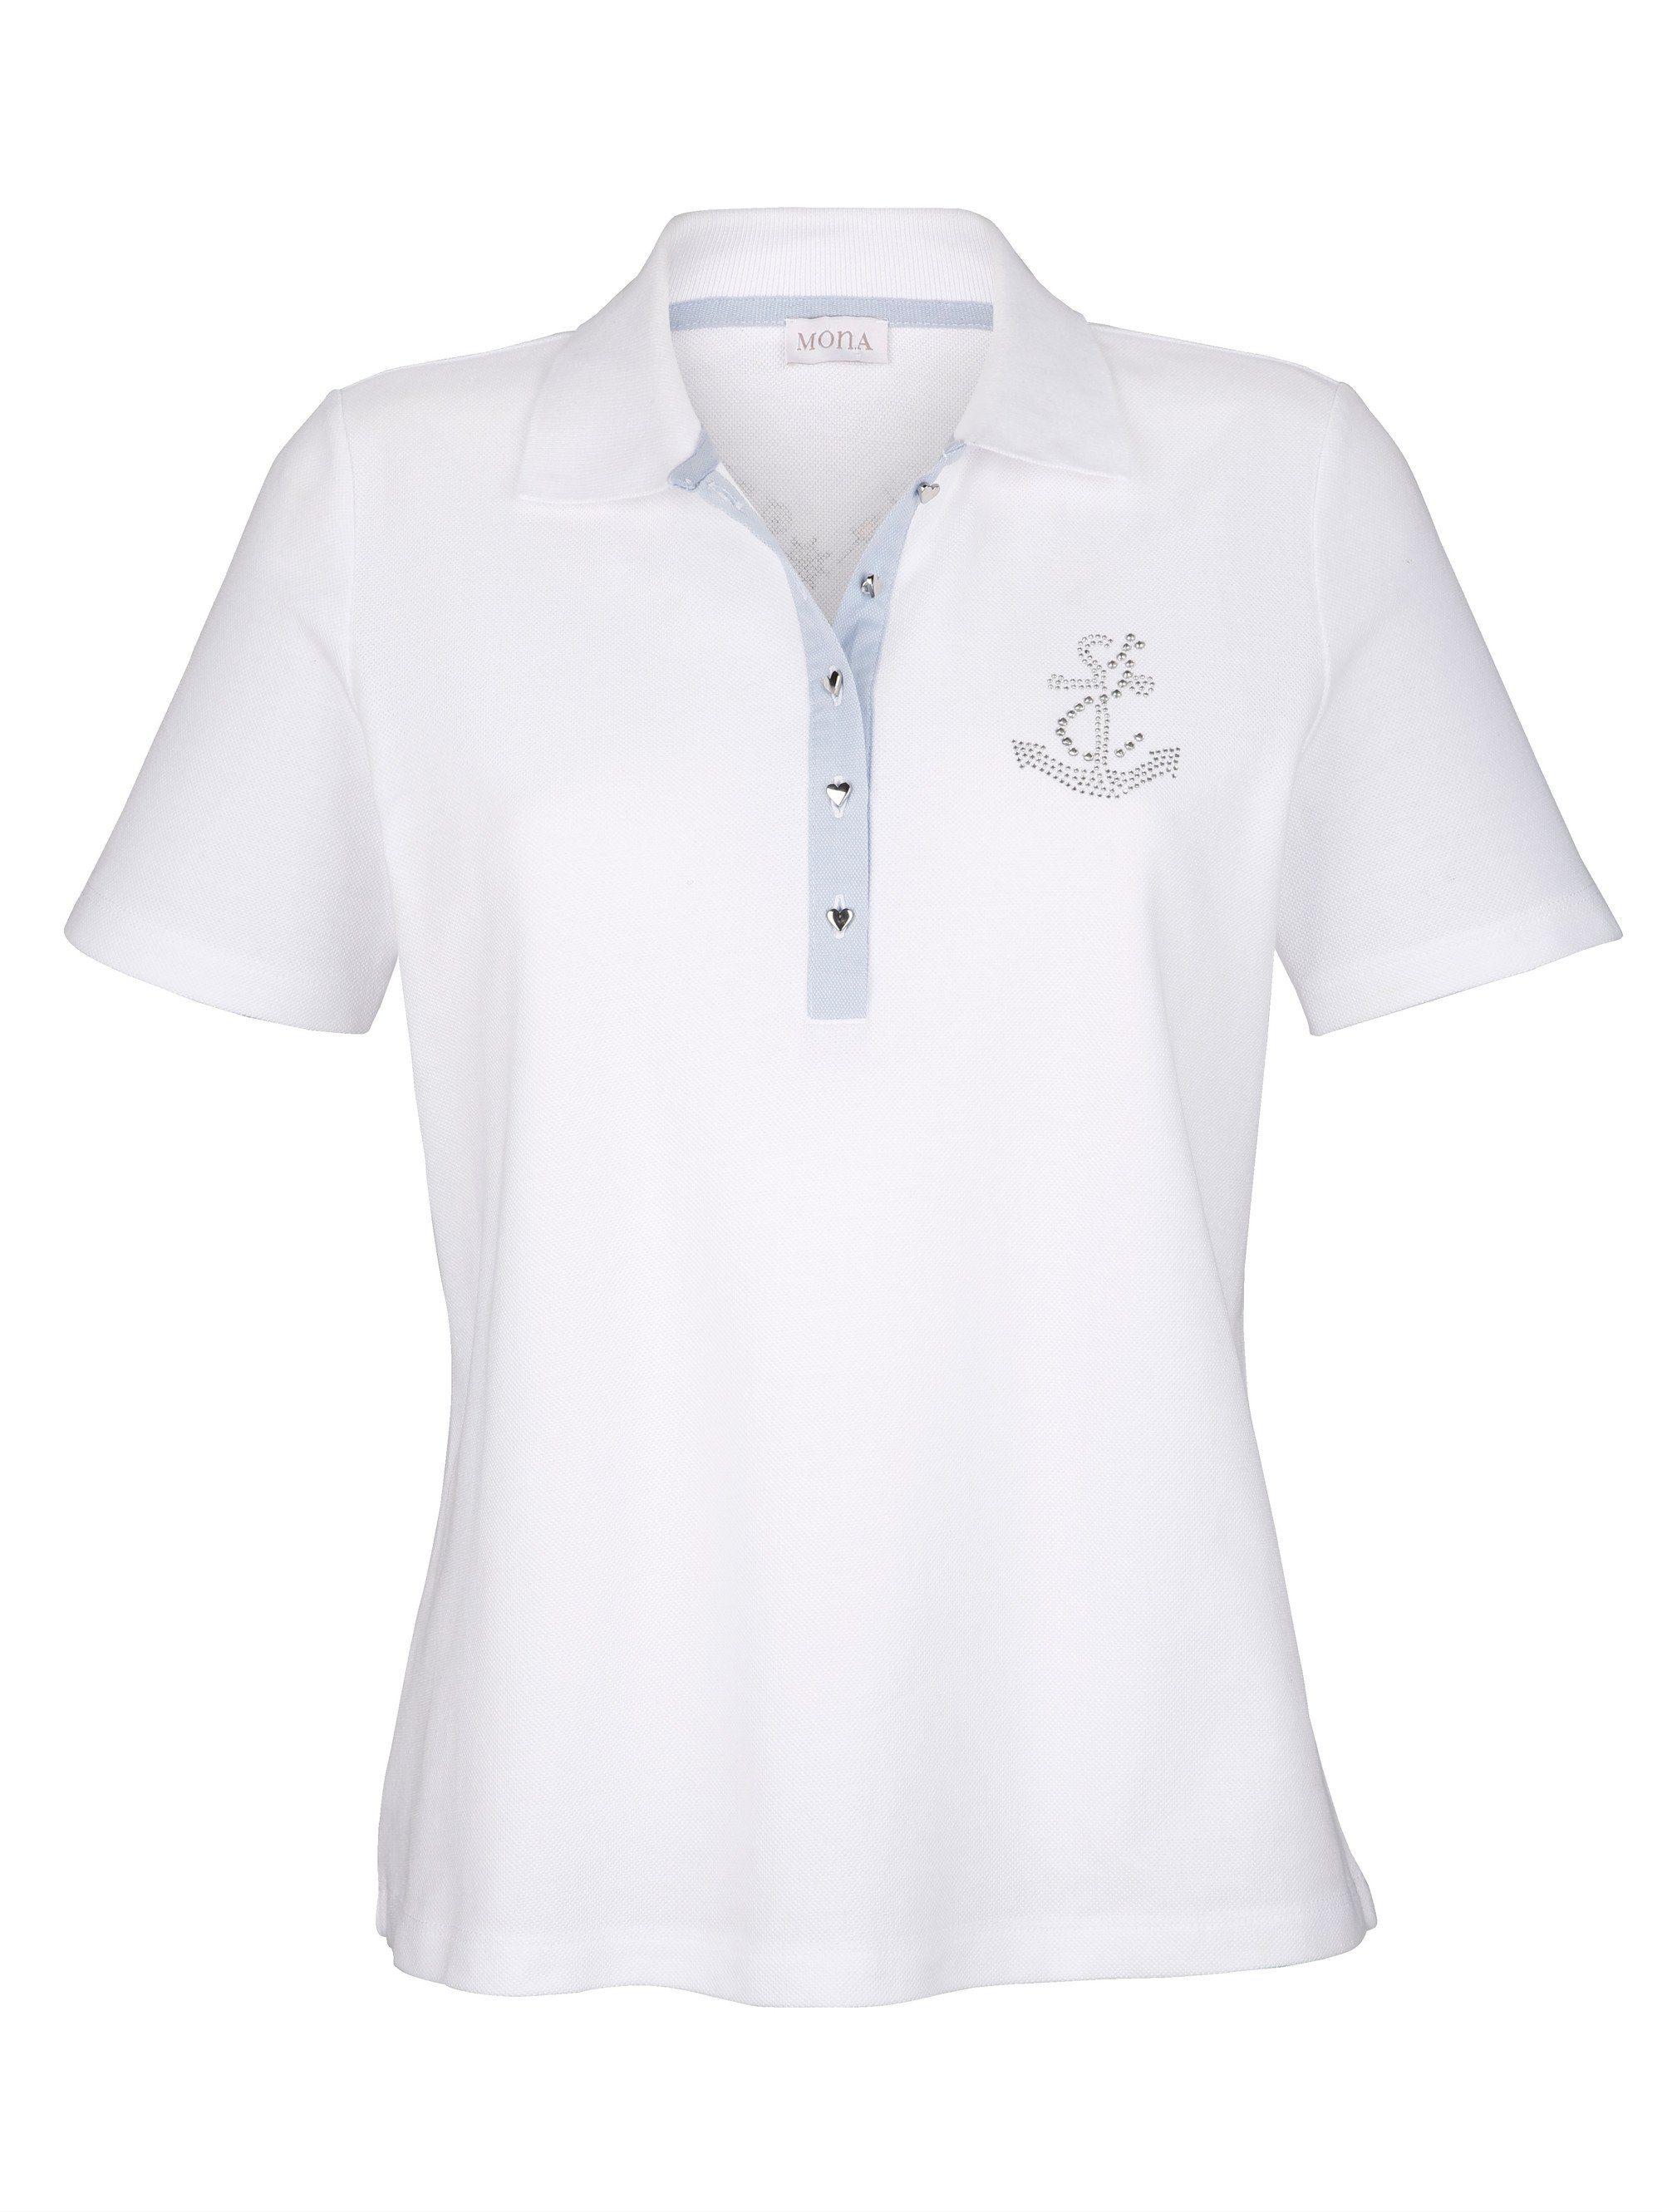 Mona Reiner Online Kaufen Poloshirt Aus Baumwolle TK1cFJl